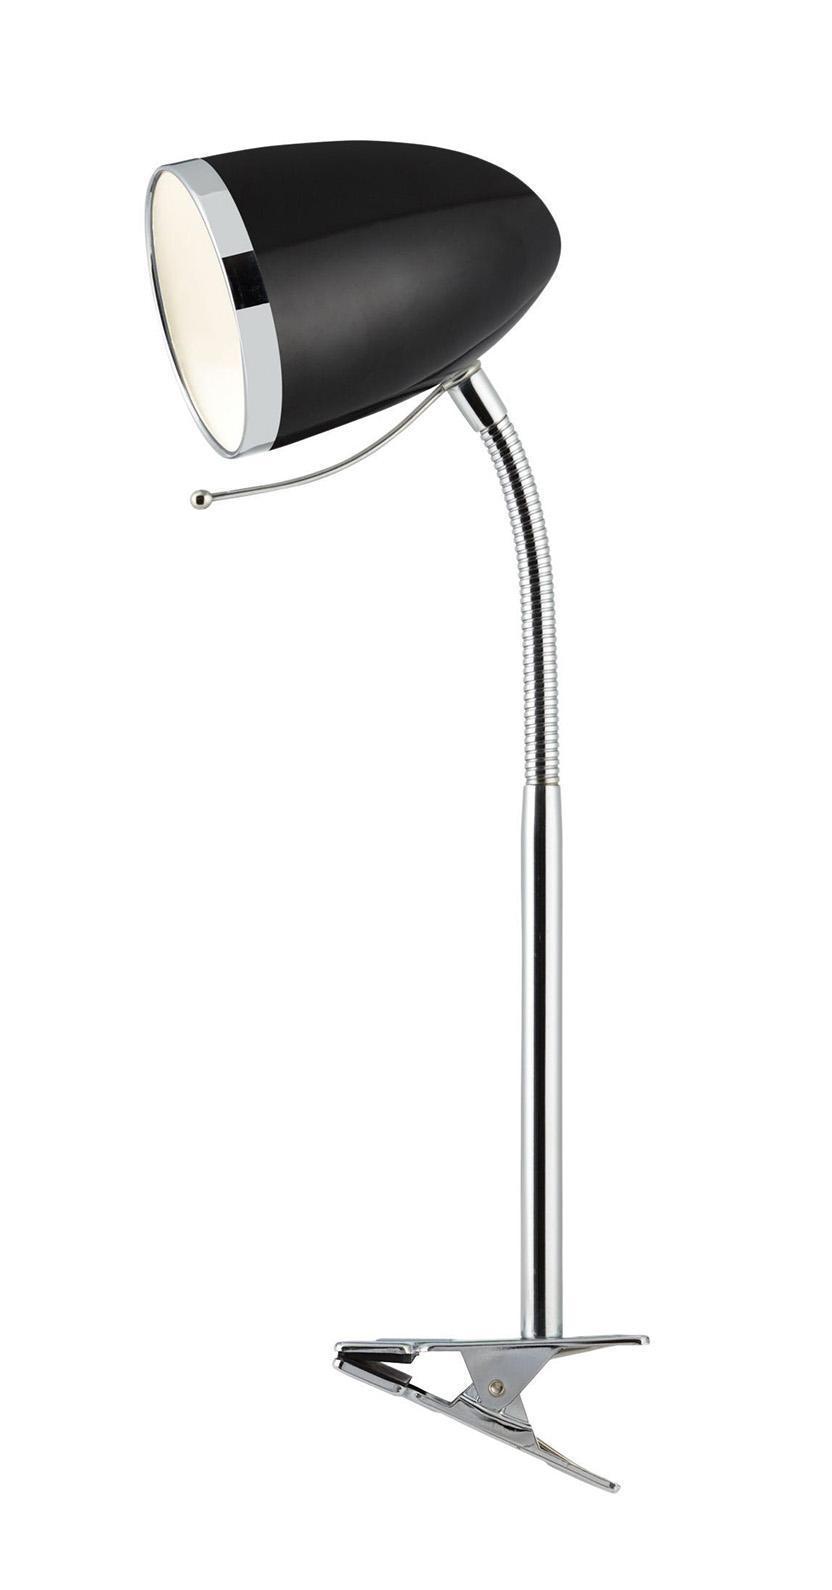 A6155LT-1BK COSY Настольный СветильникA6155LT-1BKНастольная лампа Arte Lamp A6155LT-1BK Cosy — это высокое качество по приемлемой цене. Вся продукция Arte Lamp сертифицирована согласно требований Европейских директив и имеет маркировку CE. Защита окружающей среды — обязательное условие при производстве всего ассортимента фабрики. Светильник Arte Lamp A6155LT-1BK Cosy — это гармония между функциональностью и формой, где ключевую роль играет дизайн. Фабрика Arte Lamp диктует новые и перспективные тренды в дизайне.